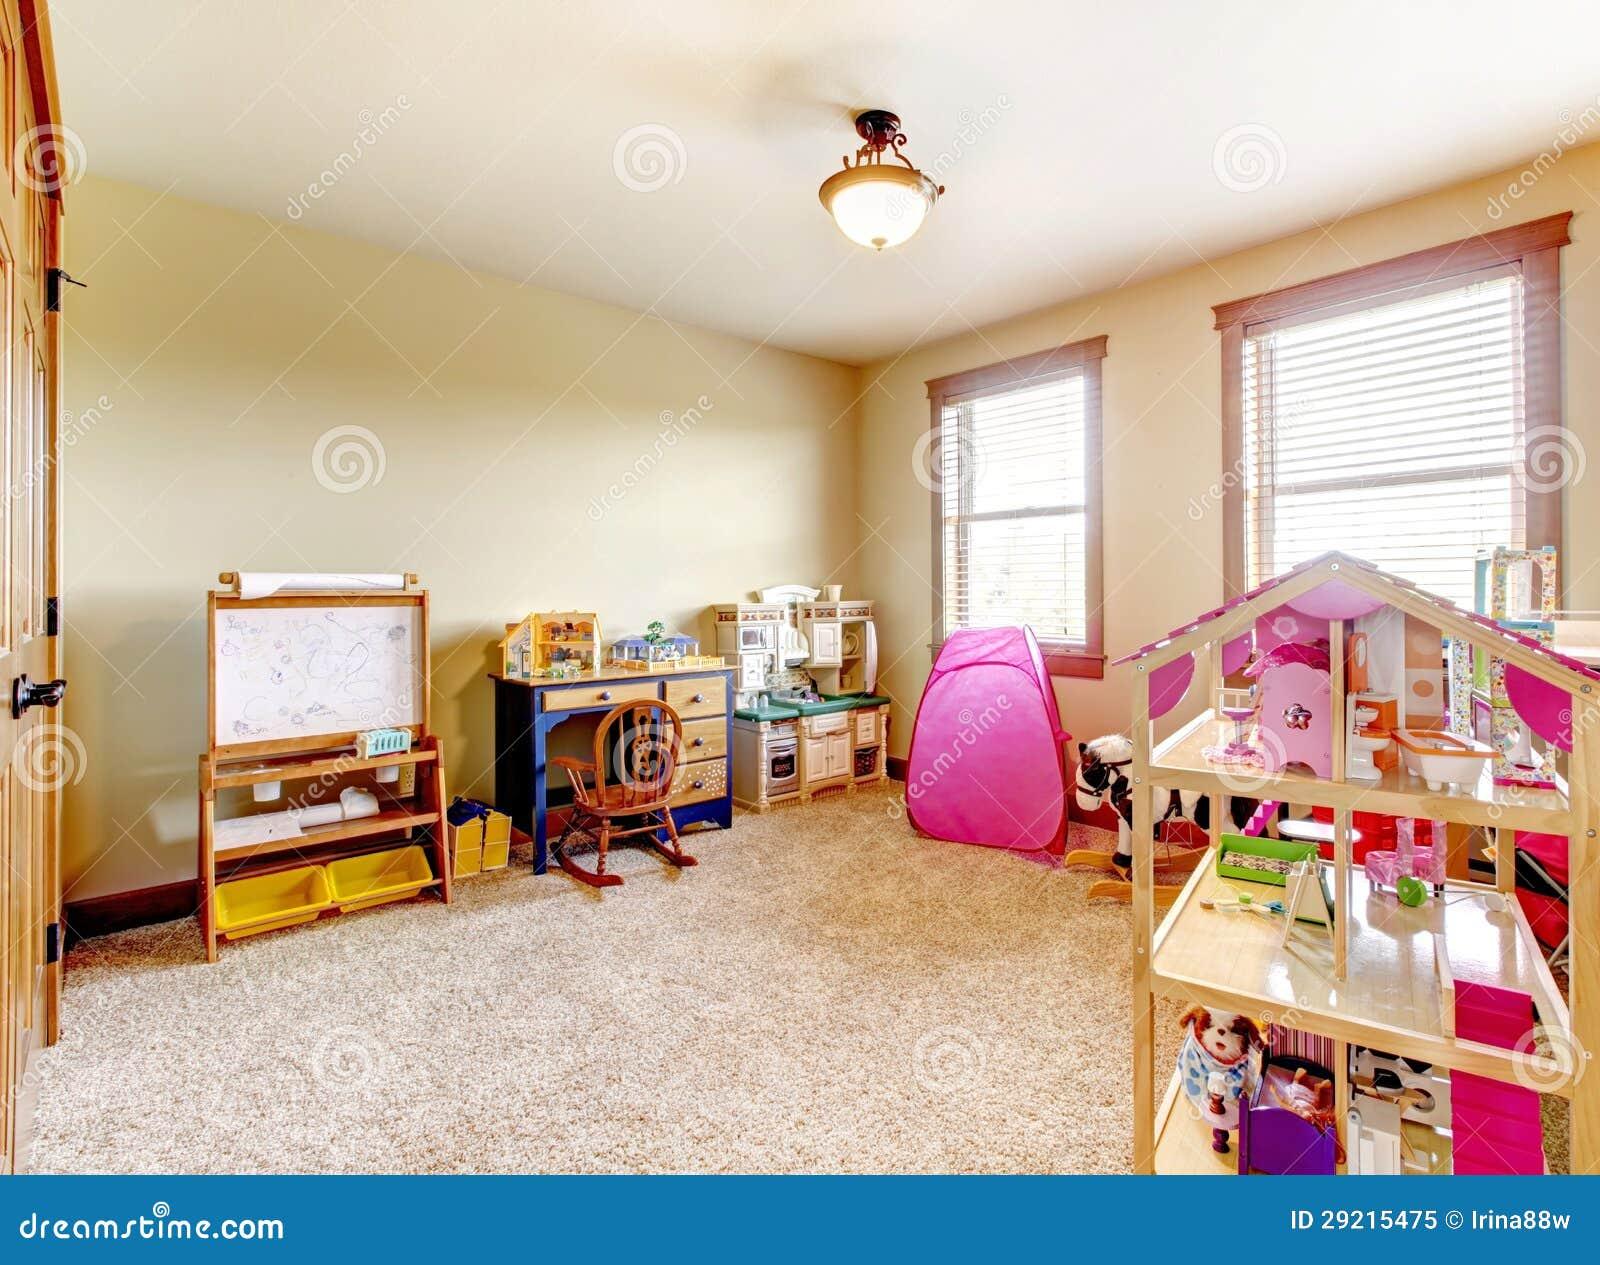 Amazing idee per organizzare i giochi dei bimbi stanze da for Decorare una stanza per bambini